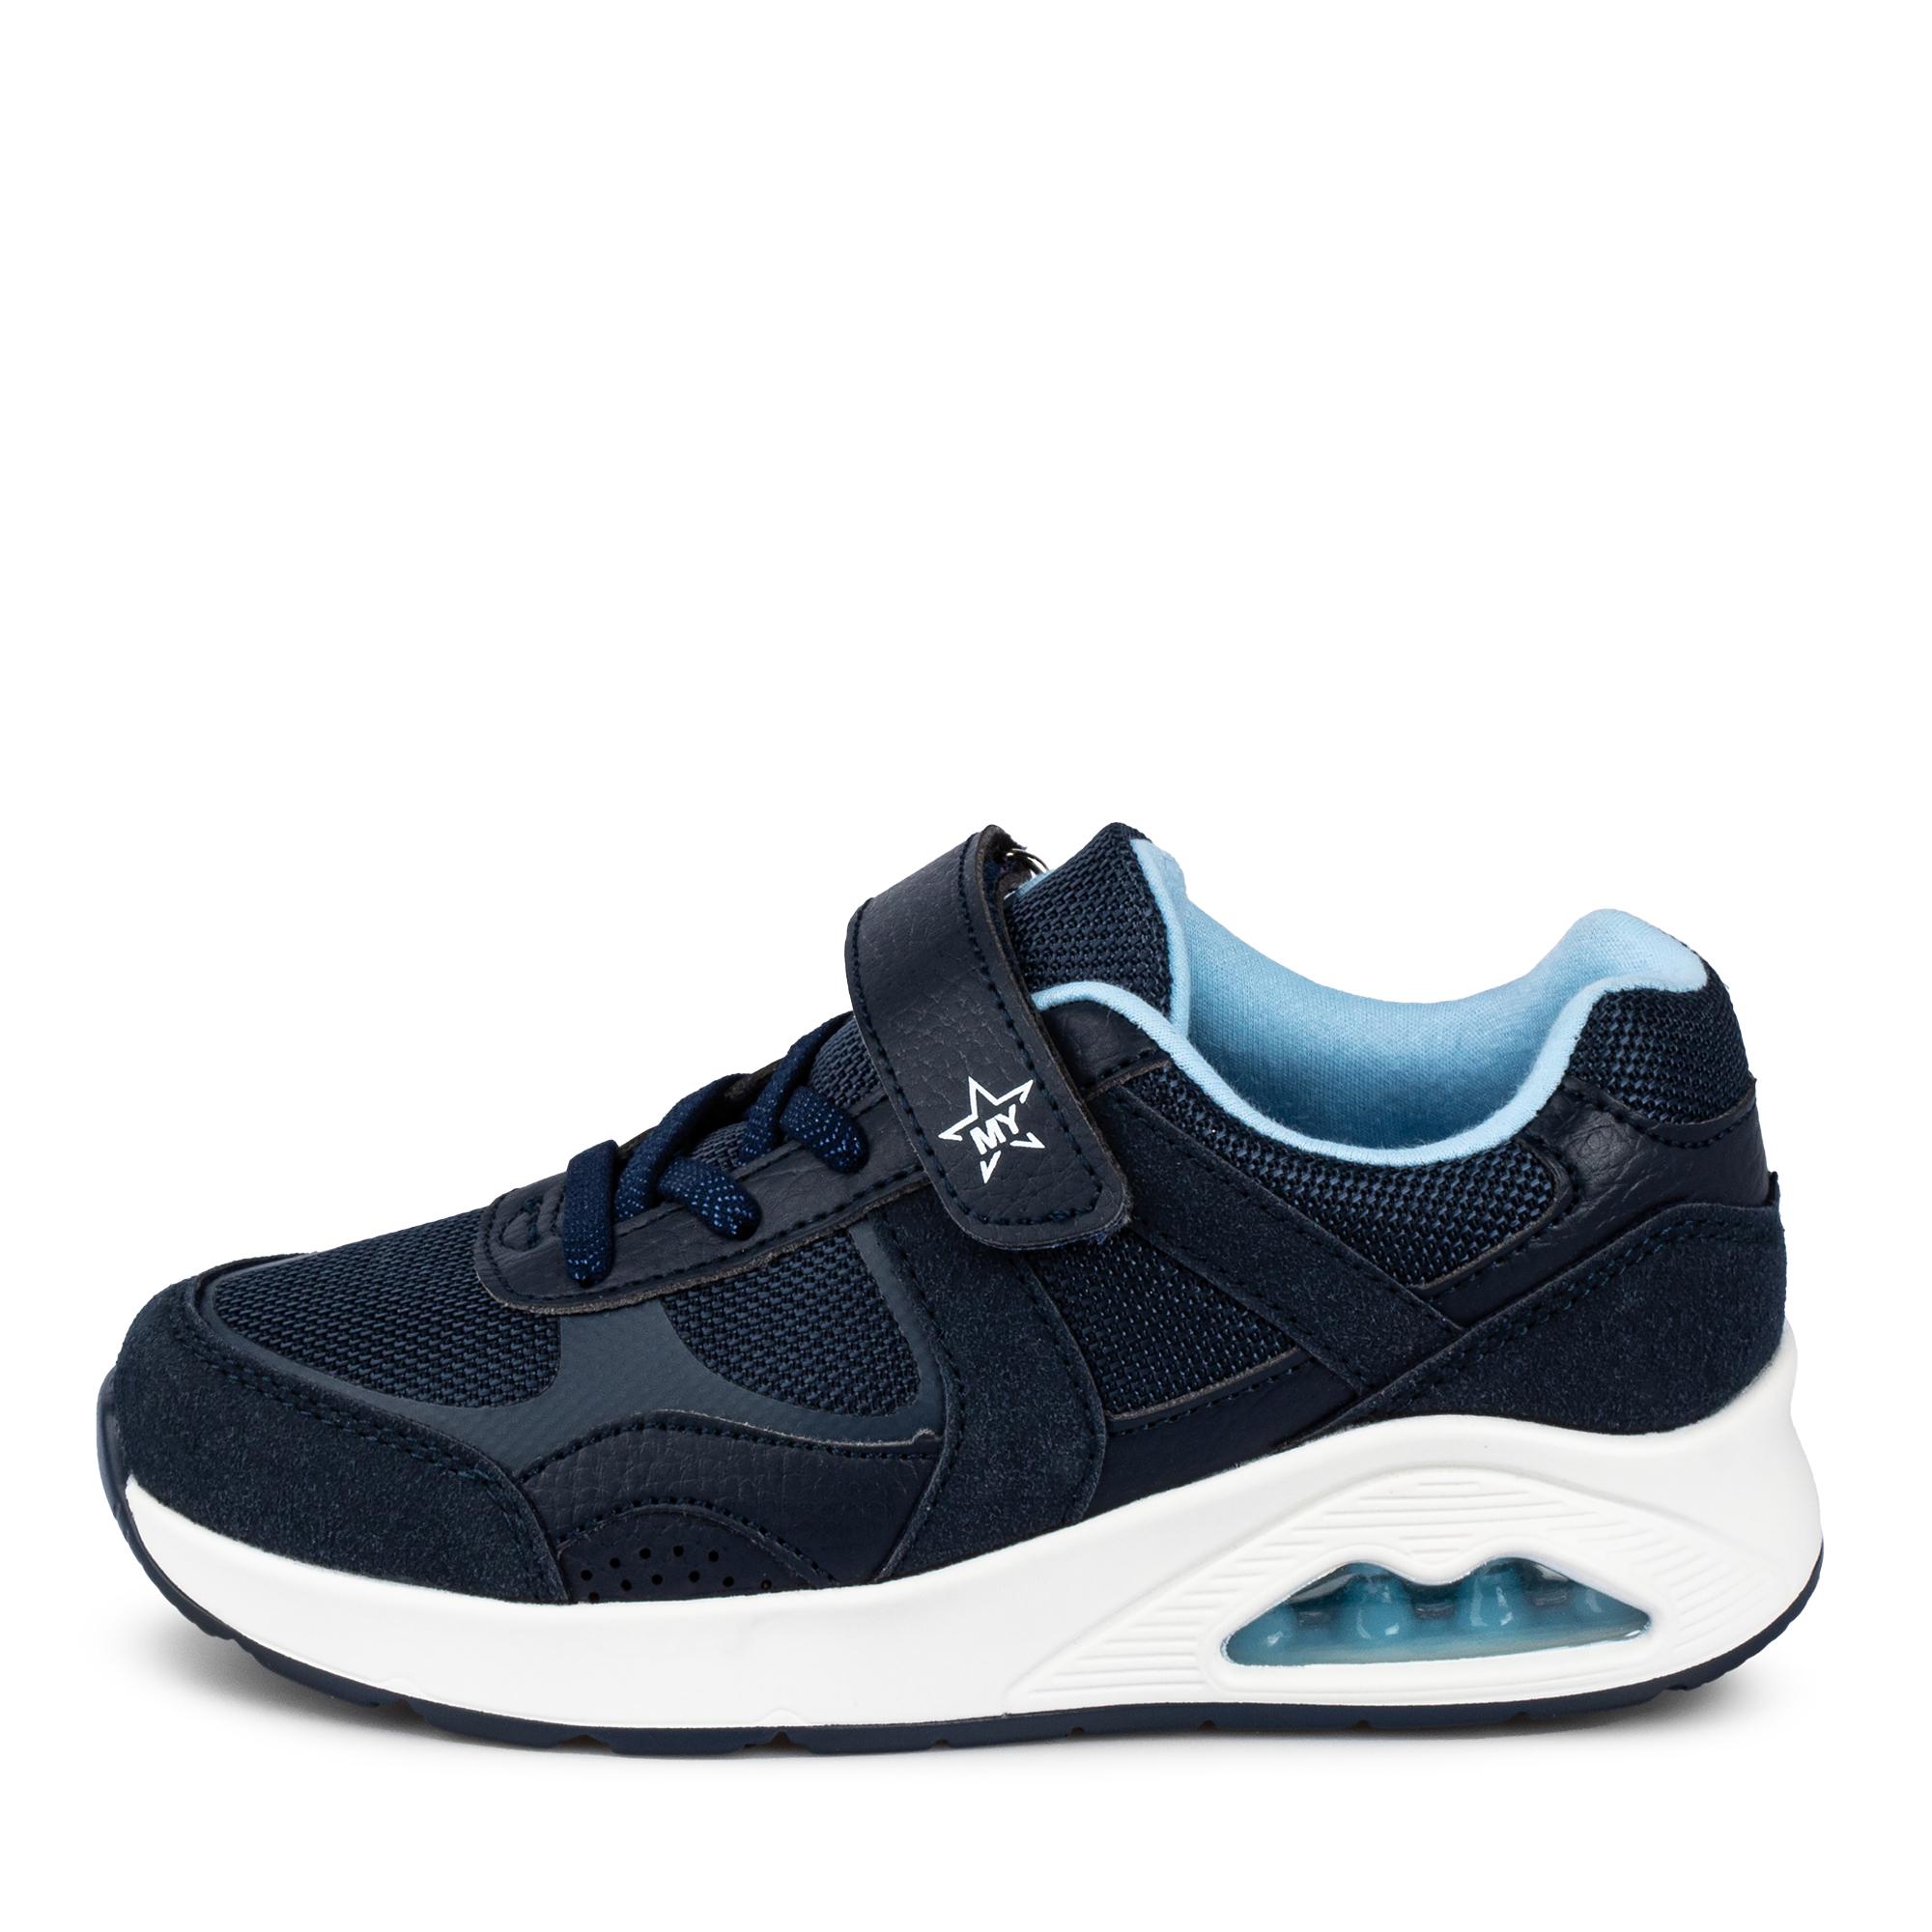 Обувь для мальчиков MUNZ YOUNG 189-285D-2211